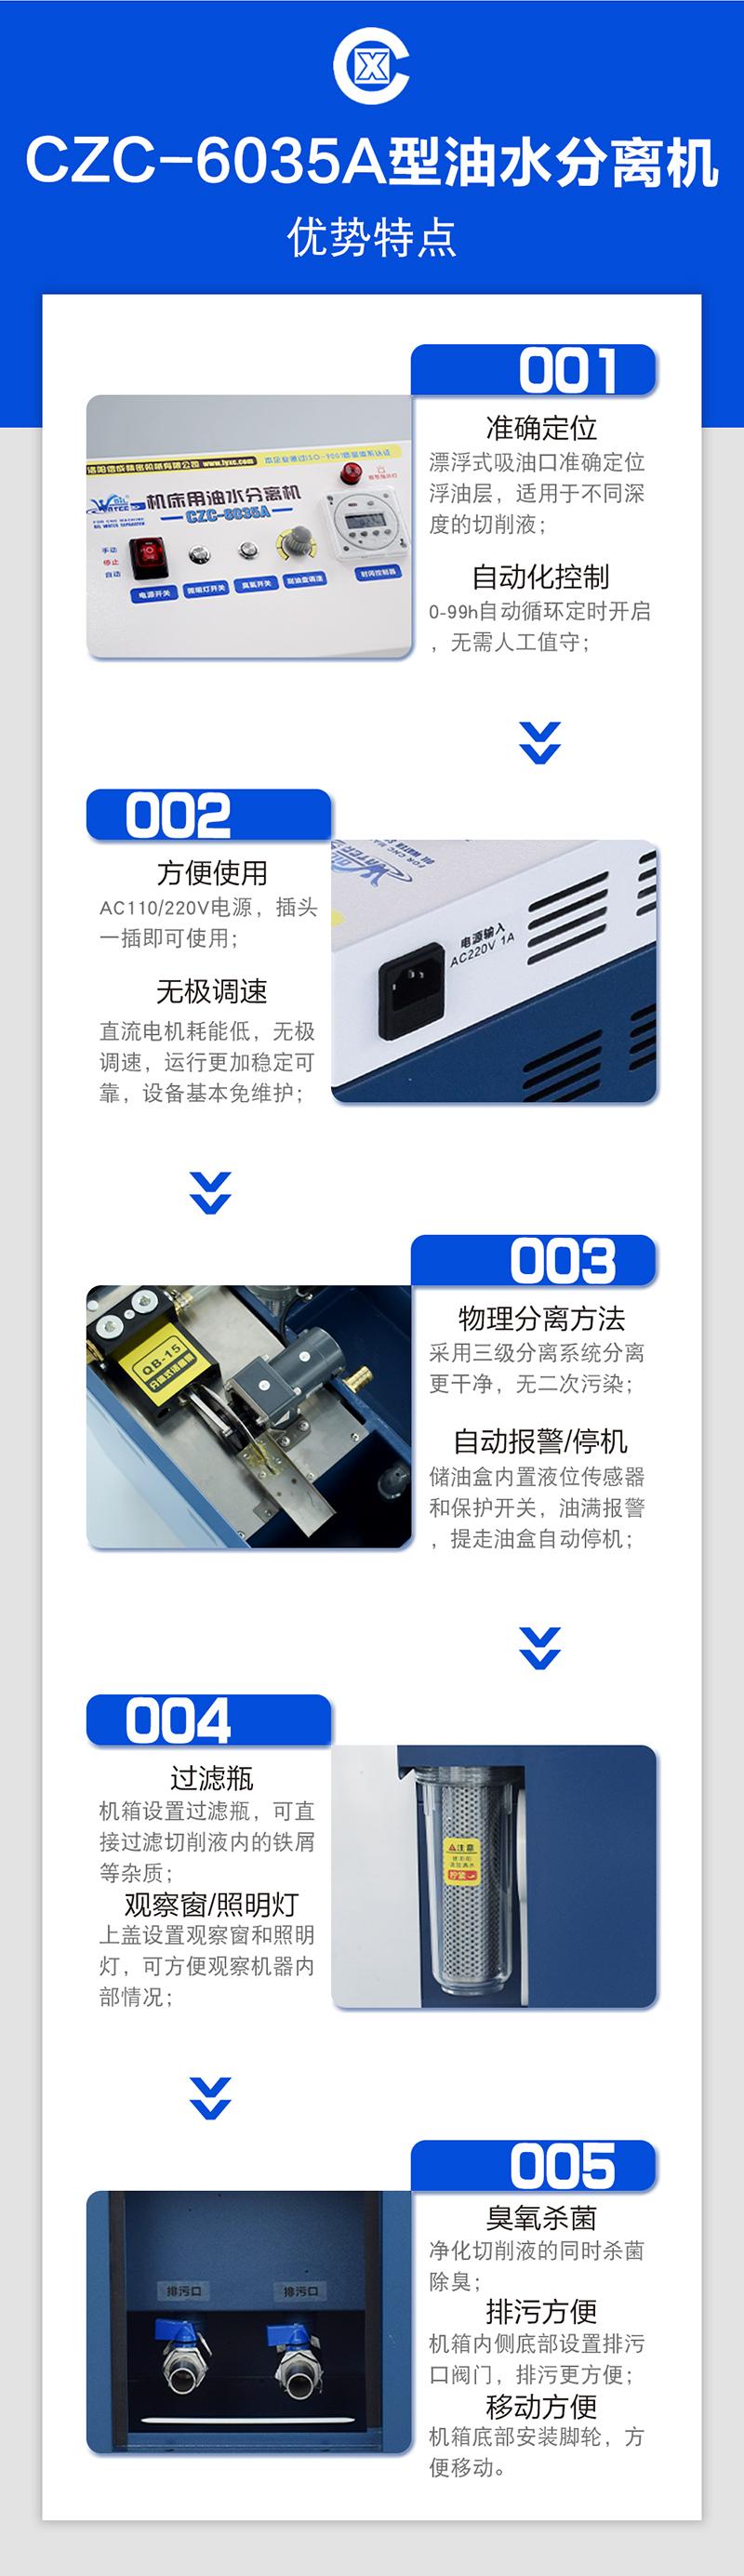 【定稿】CZC-6035A油水分离机详情K1102张晓燕_02.jpg